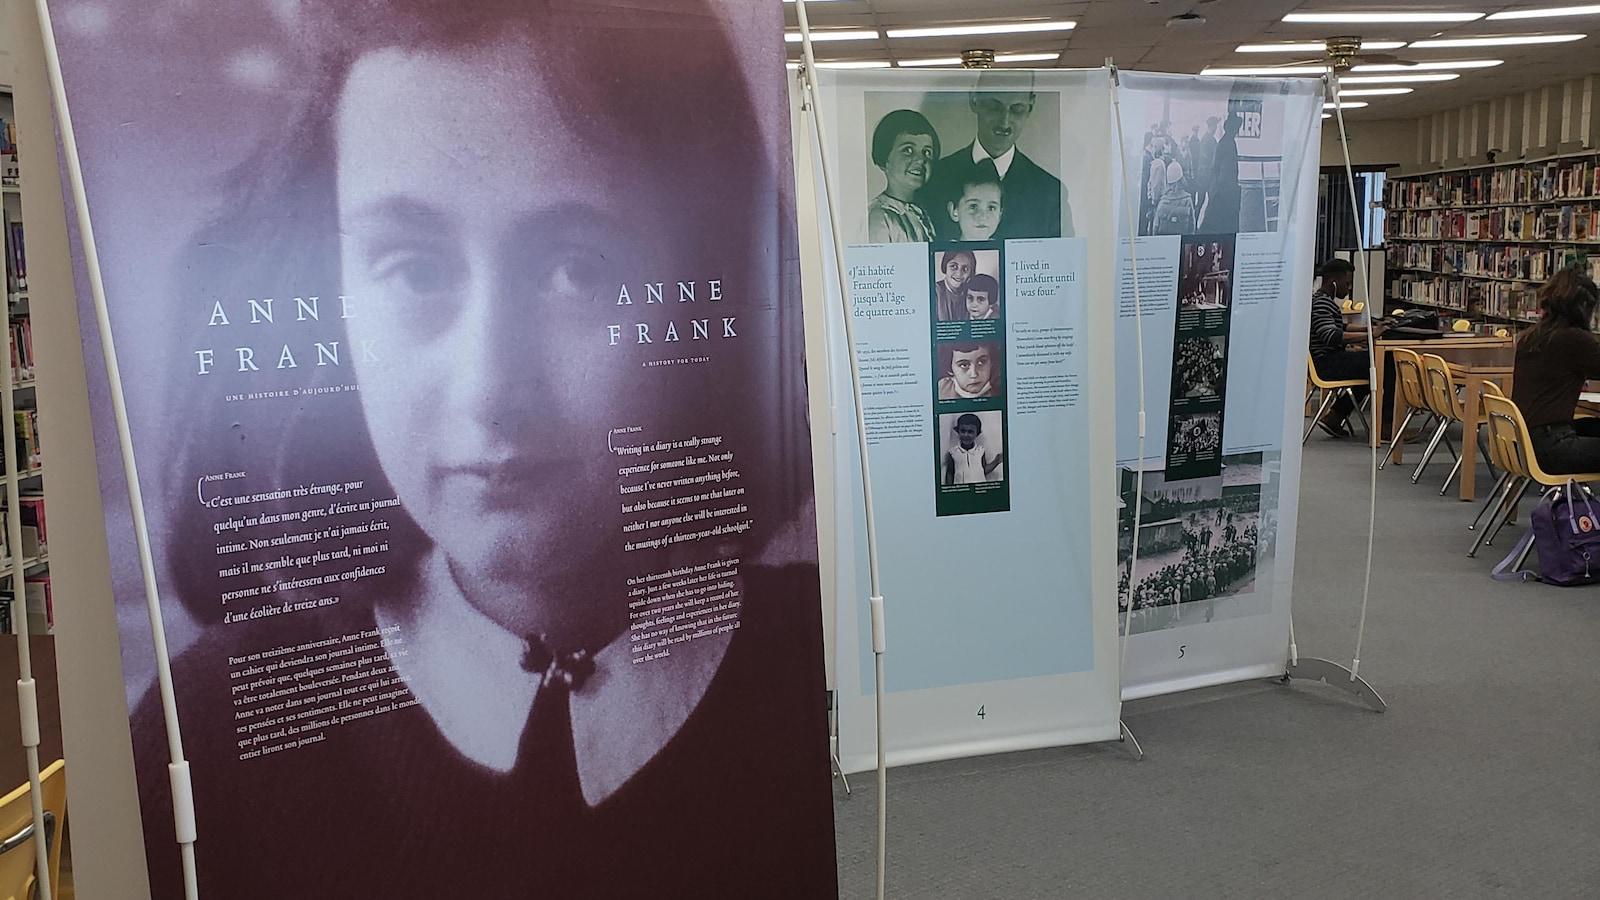 Des panneaux de l'exposition. À lLavant-plan, le panneau montre le visage d'Anne Frank.